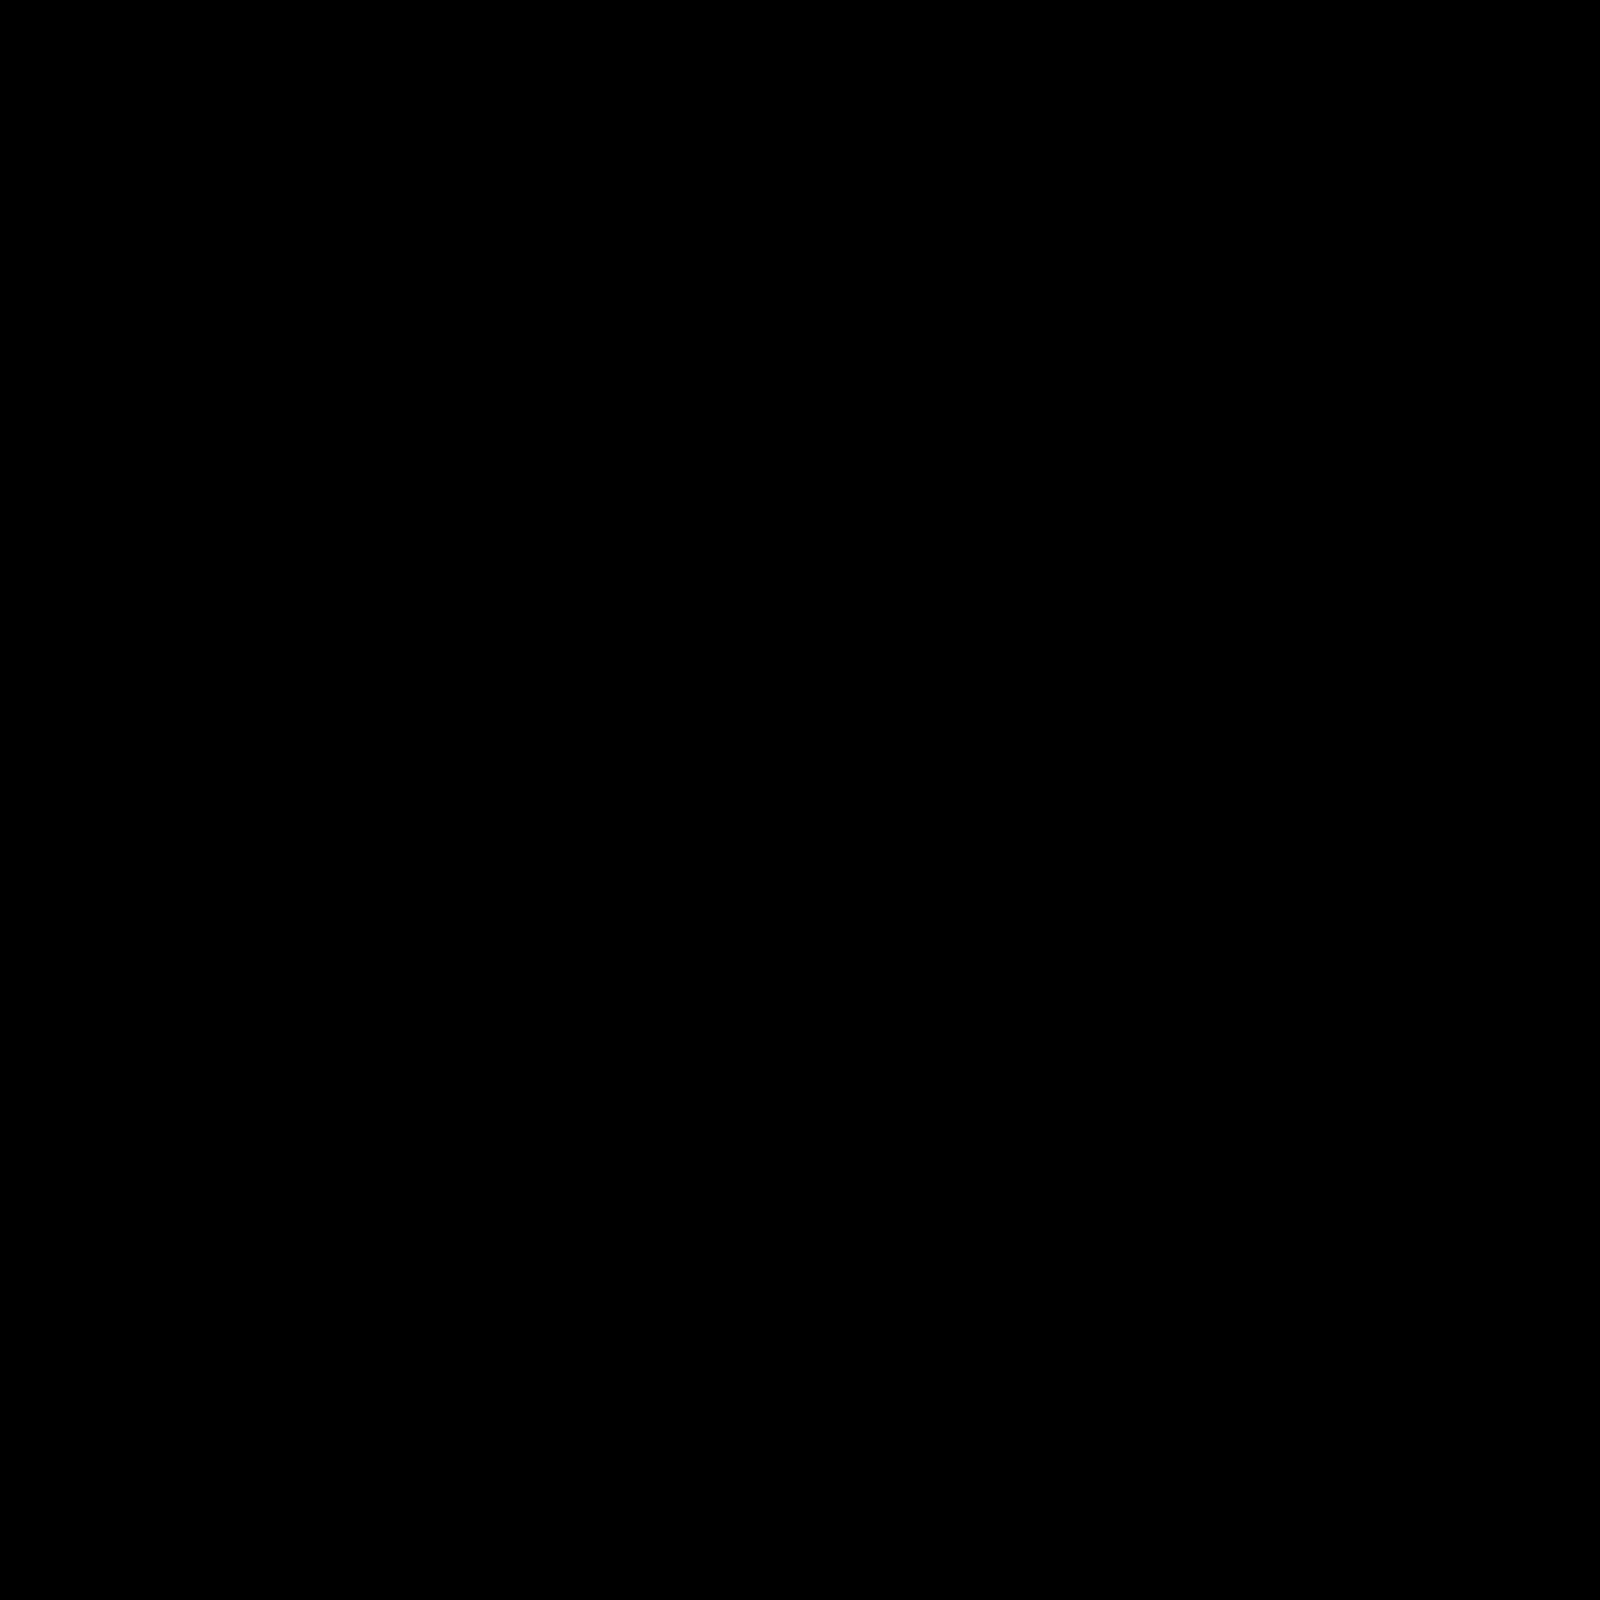 Männlich Strich icon